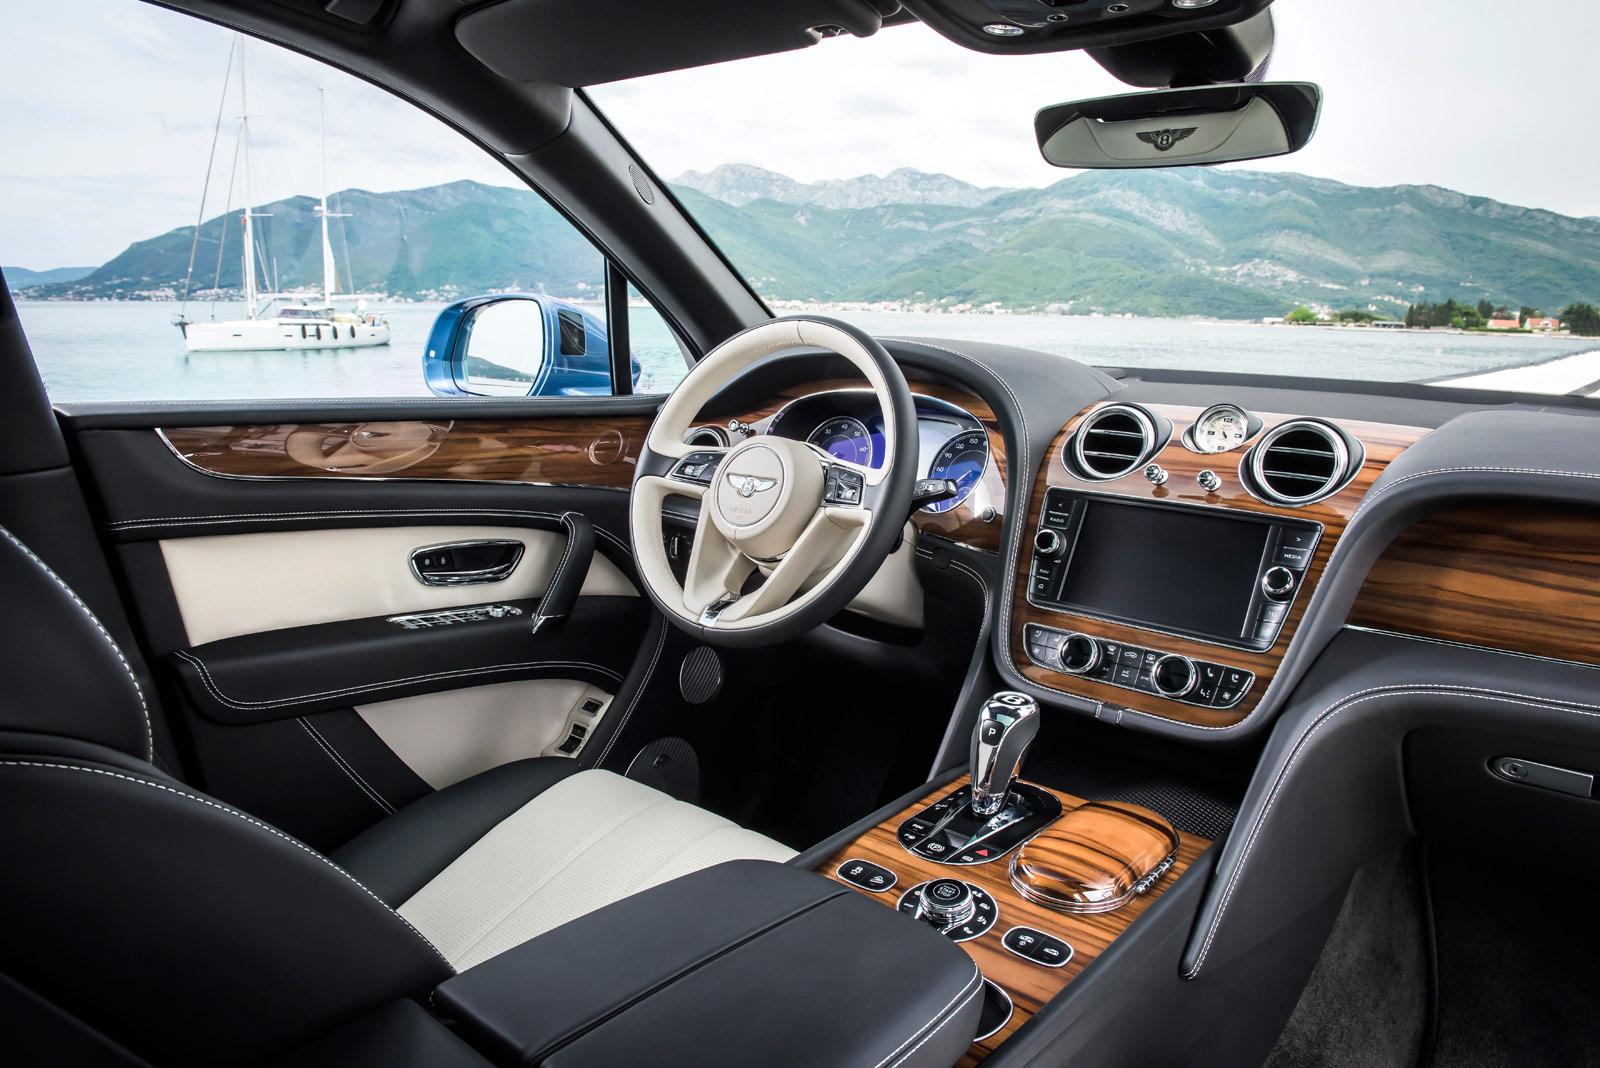 The Bentley Bentayga Diesel - Power, Refinement And Range 4